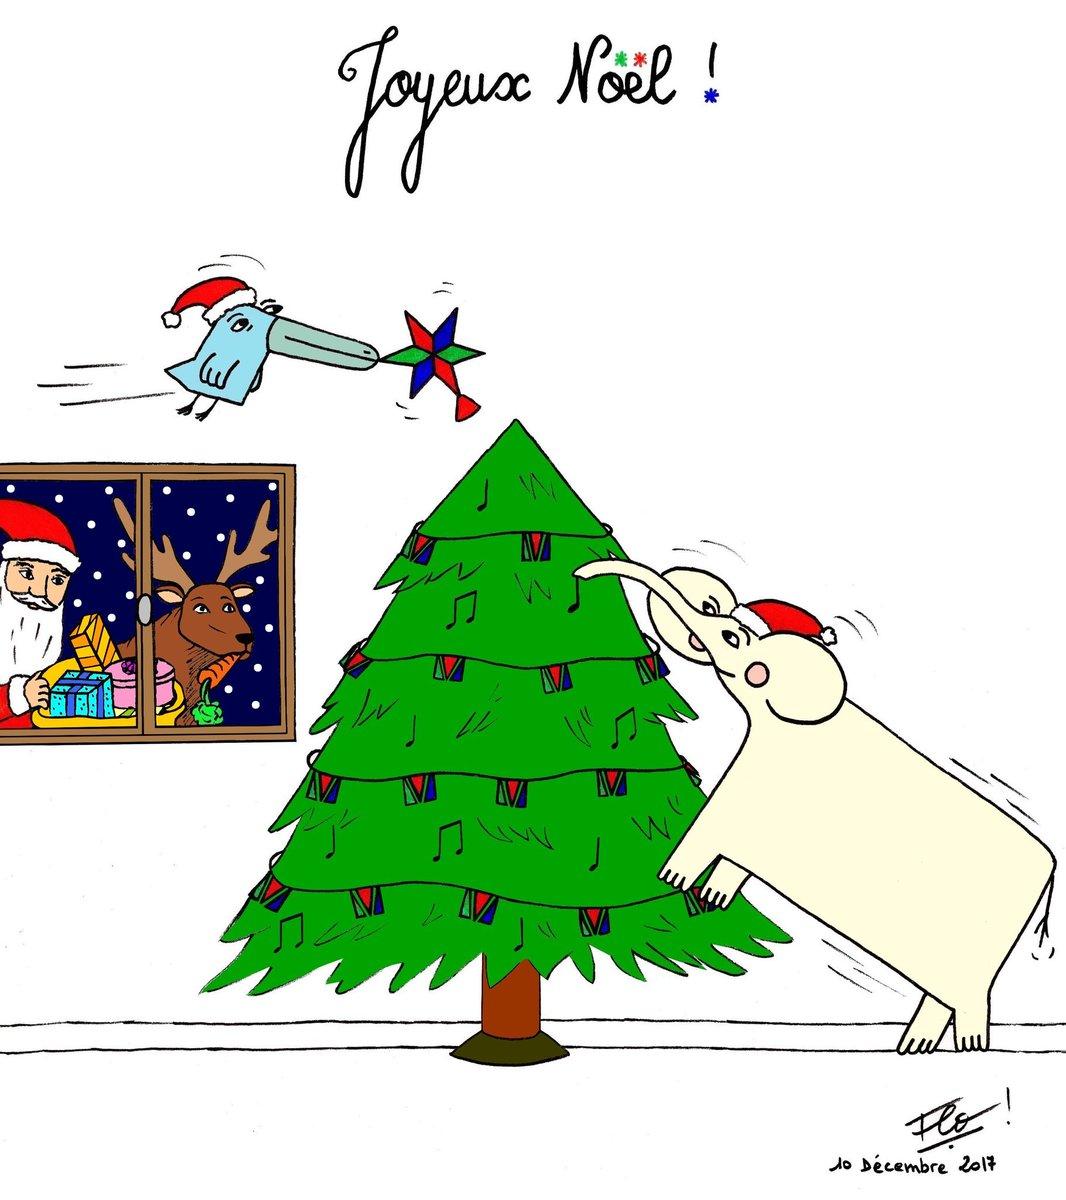 Flobrou On Twitter Vianneymusique Un Joyeux Noel A